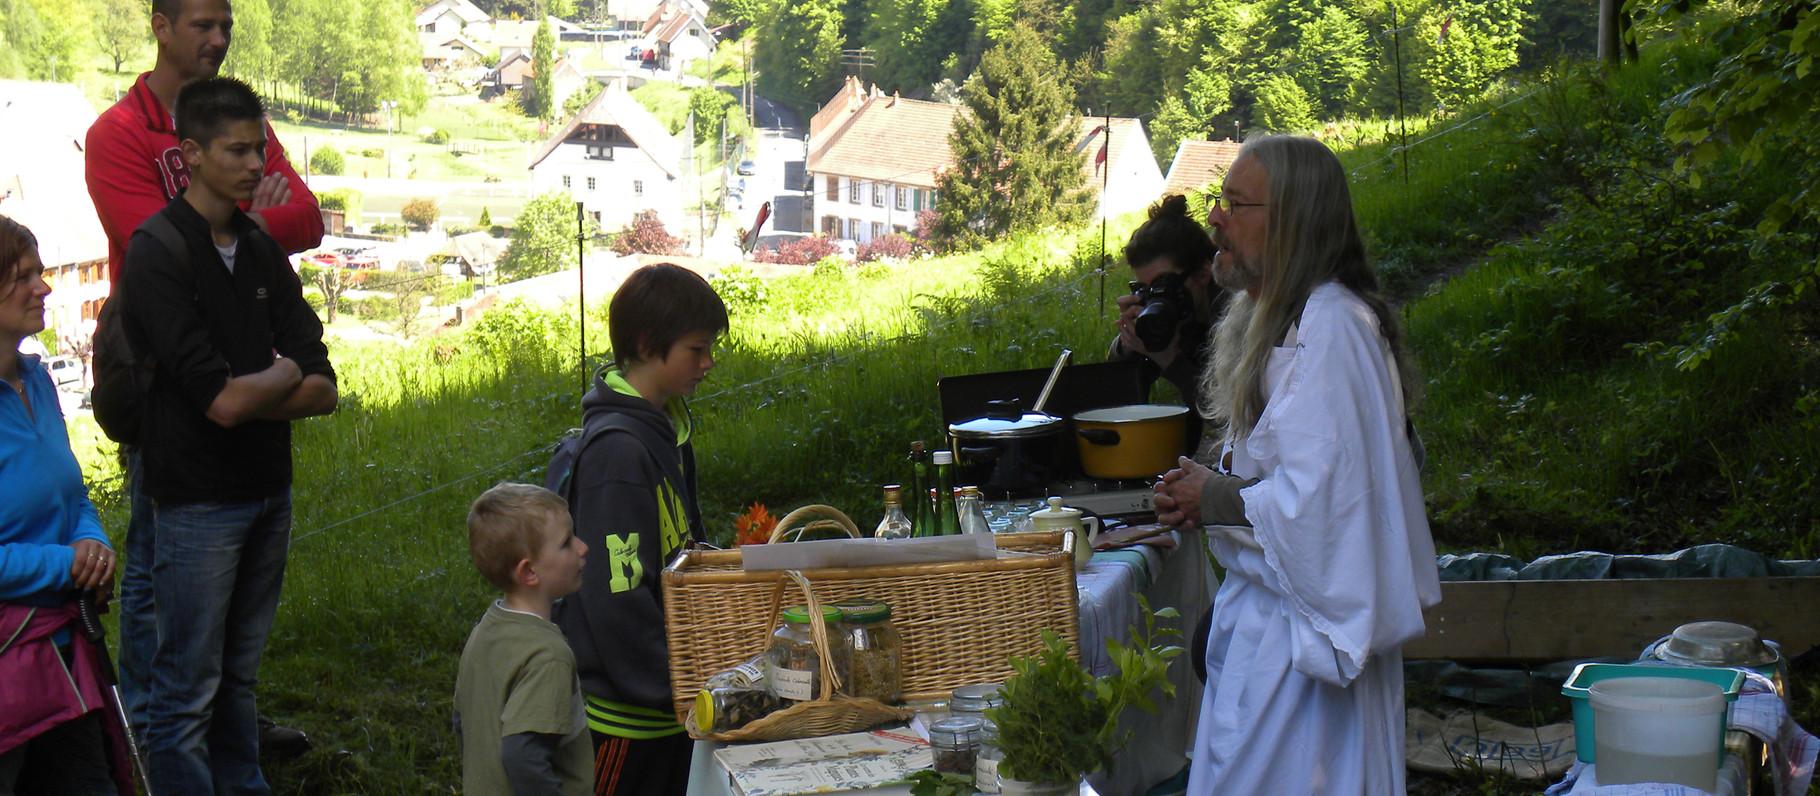 Festival Rando Moselle